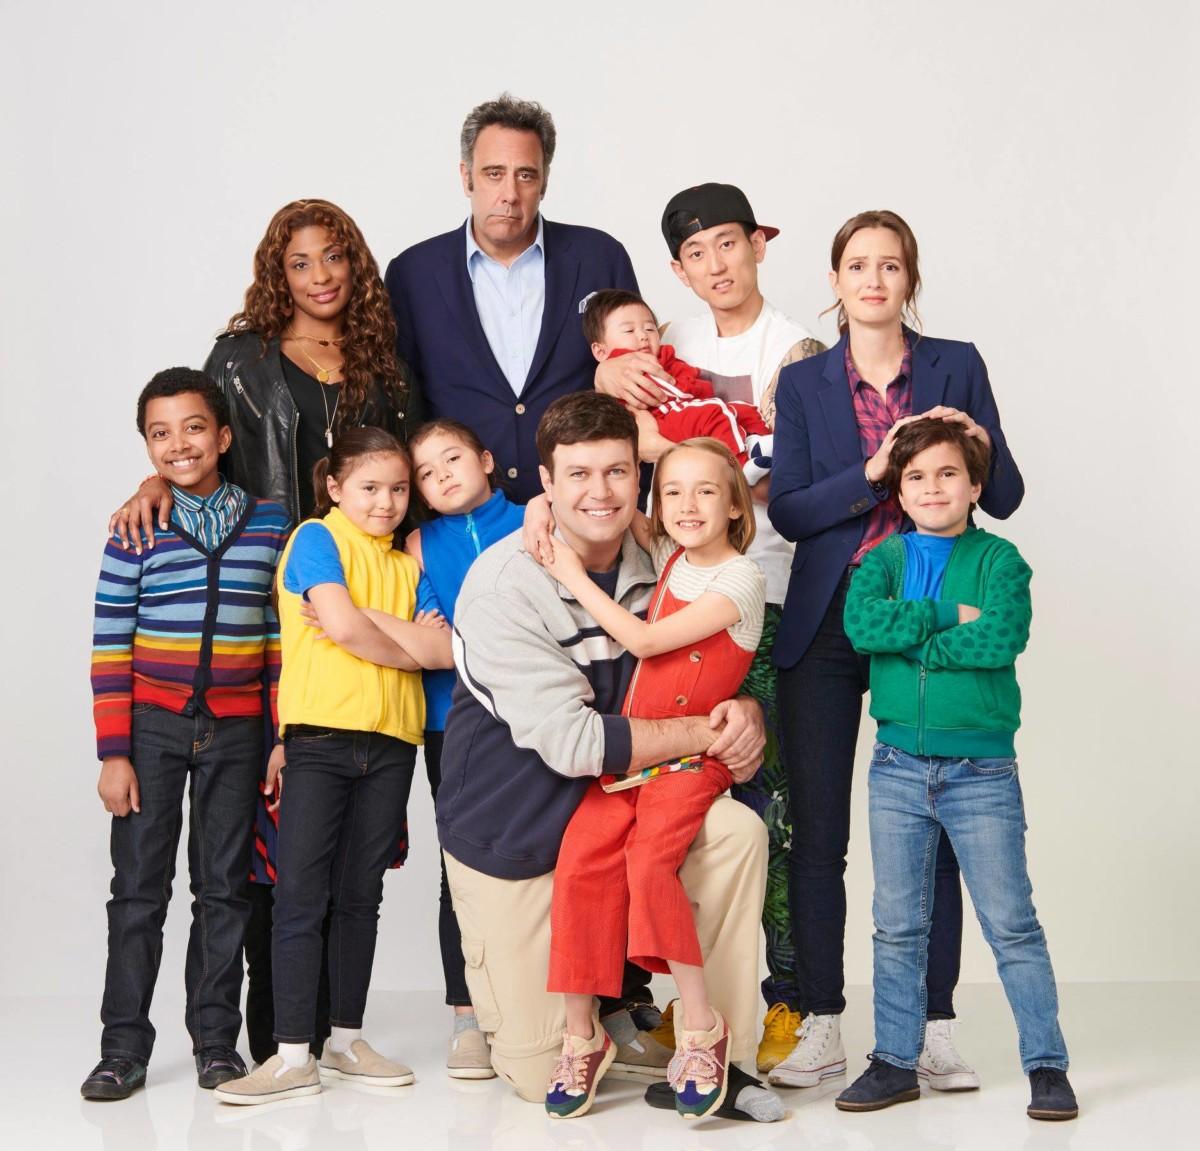 The cast of Single Parents